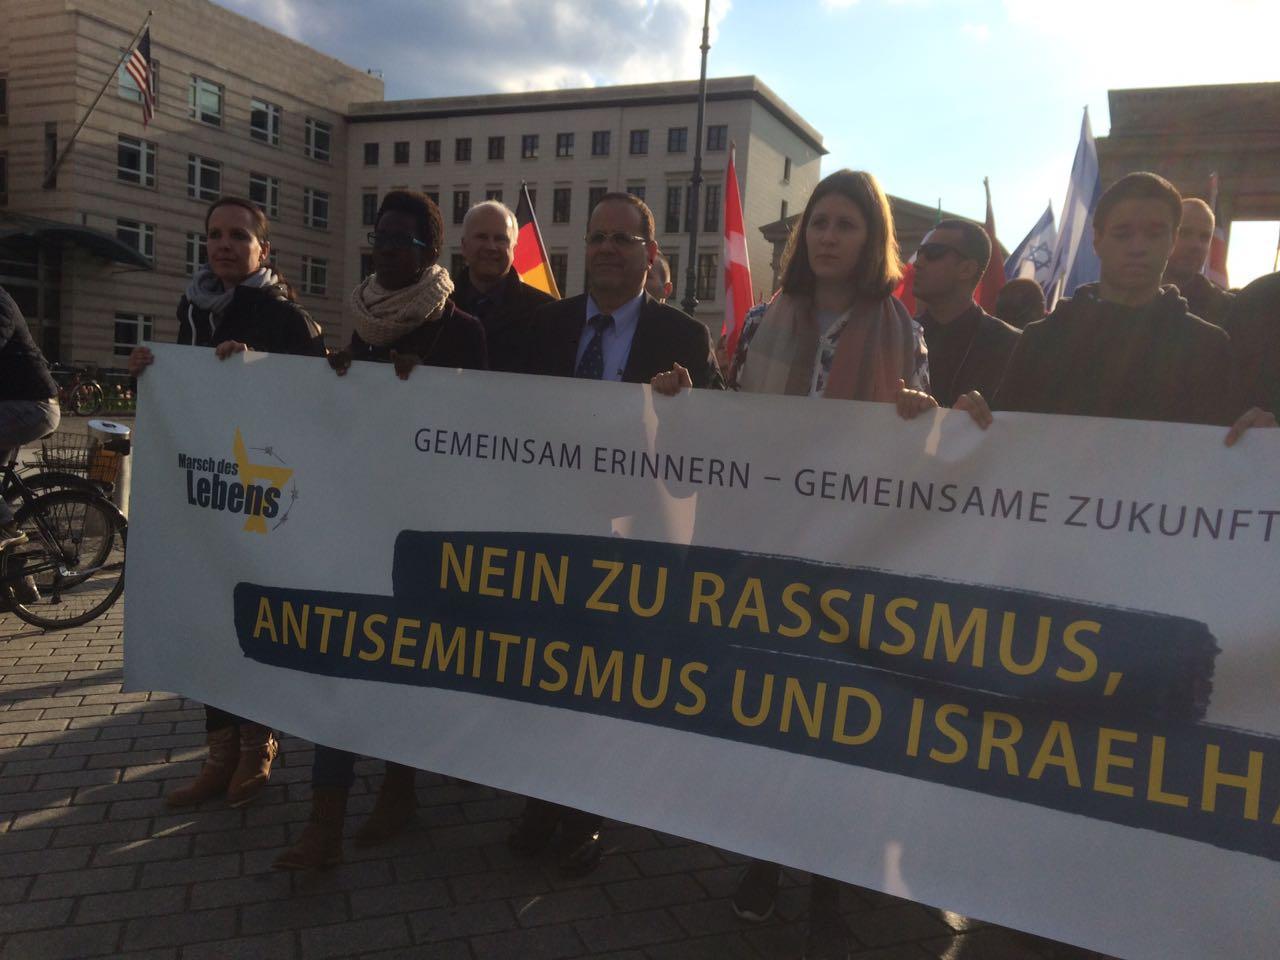 השר איוב קרא במצעד החיים הבינלאומי בברלין: ישראל היא הדמוקרט...